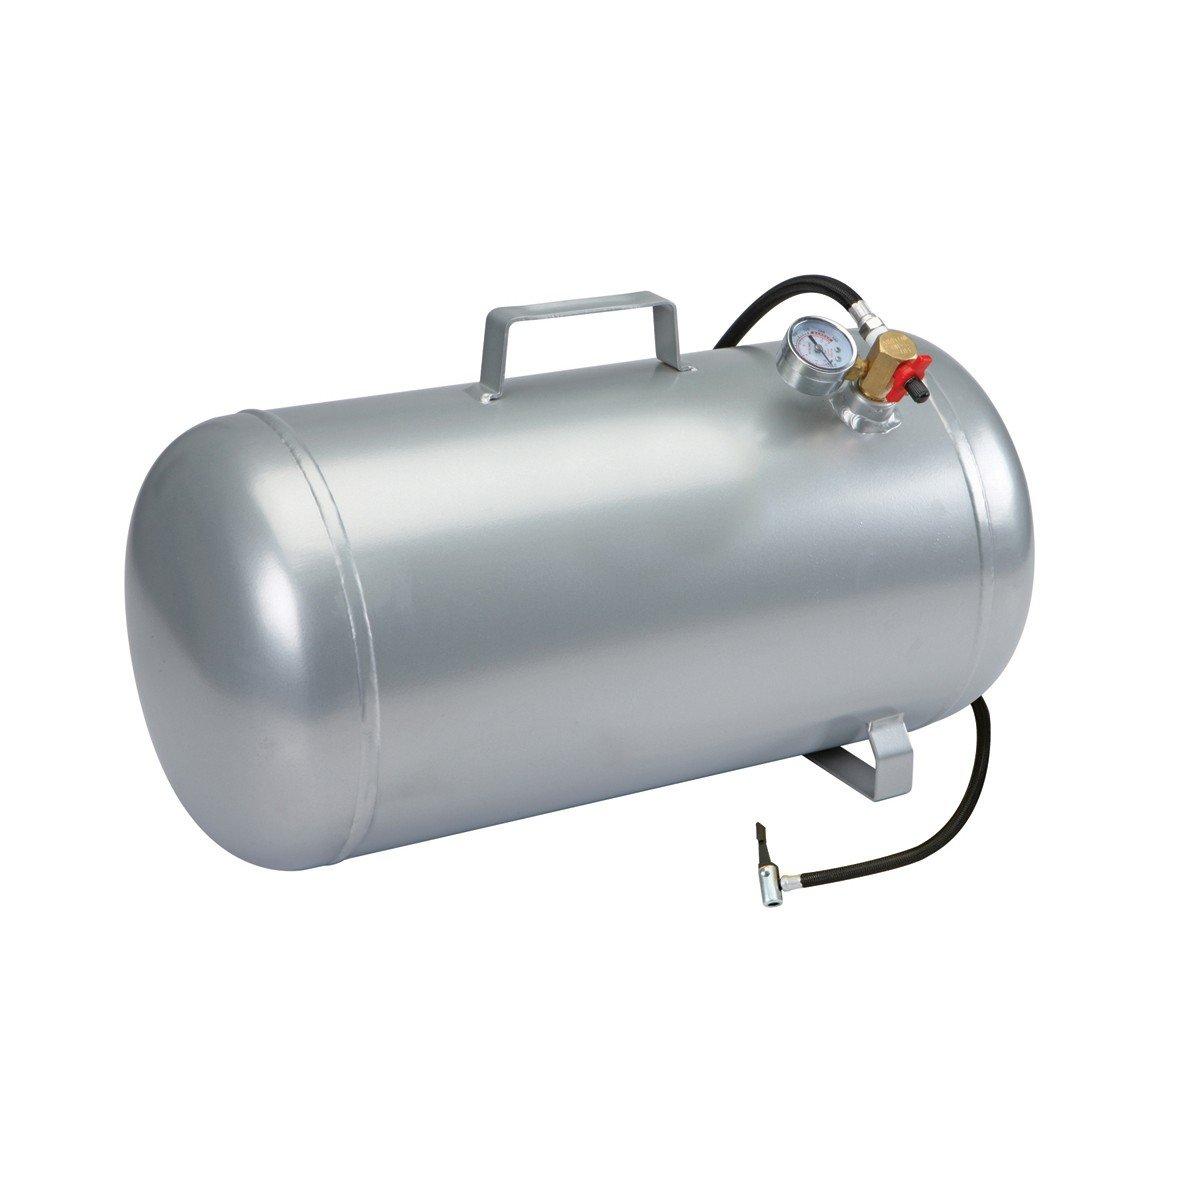 7 gal. Portable Aluminum Air Tank